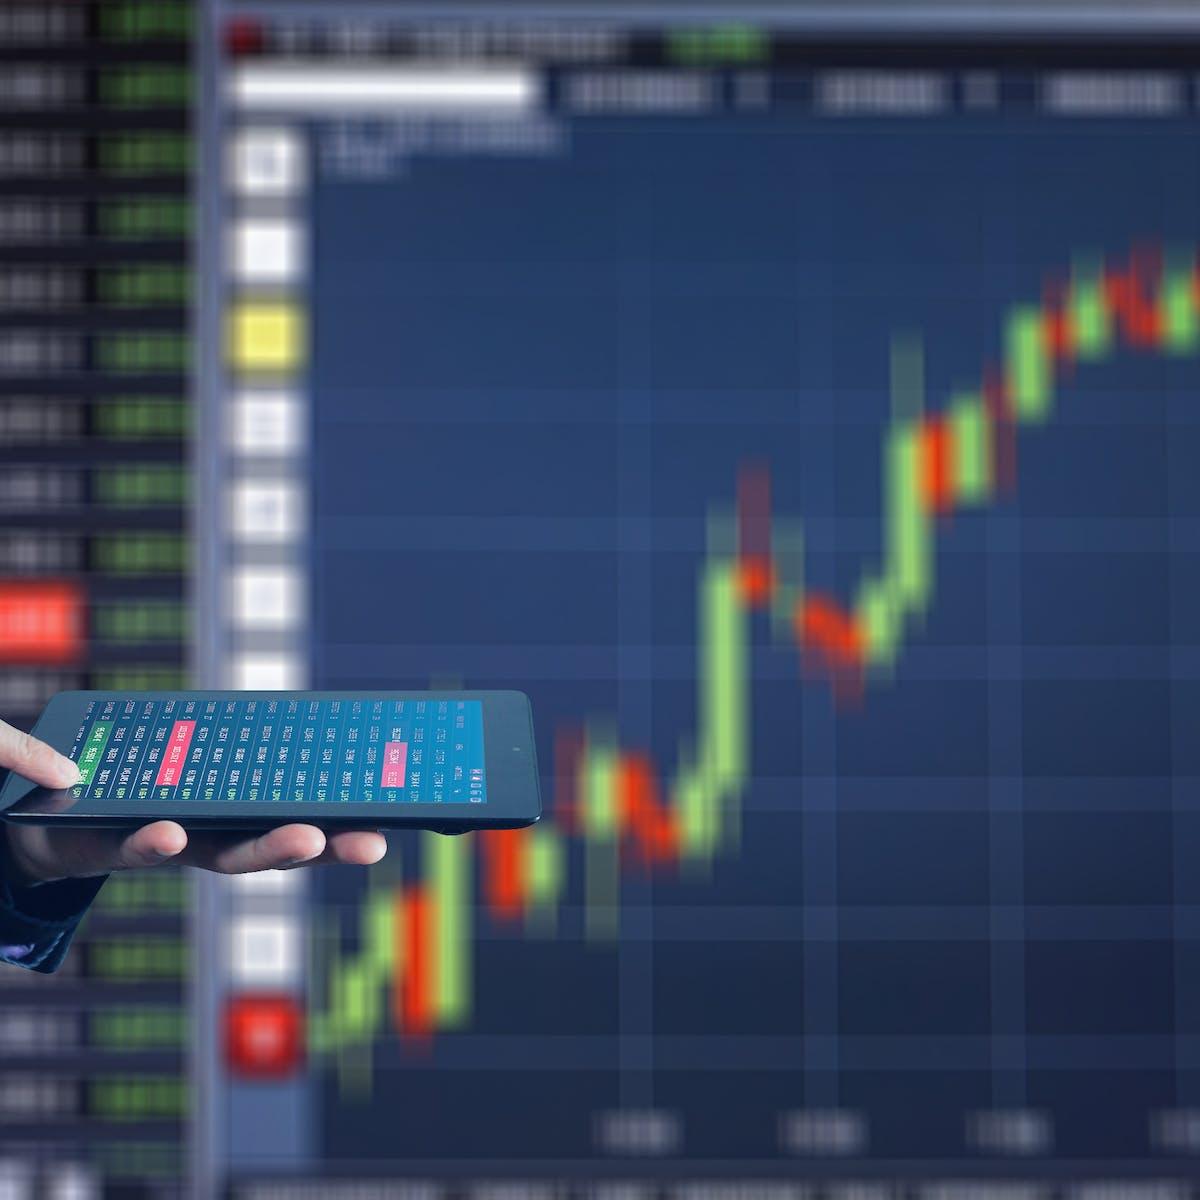 Titelbild-Investor-gesucht-Investoren-Börse-DAX-pixabay-3087396-geralt